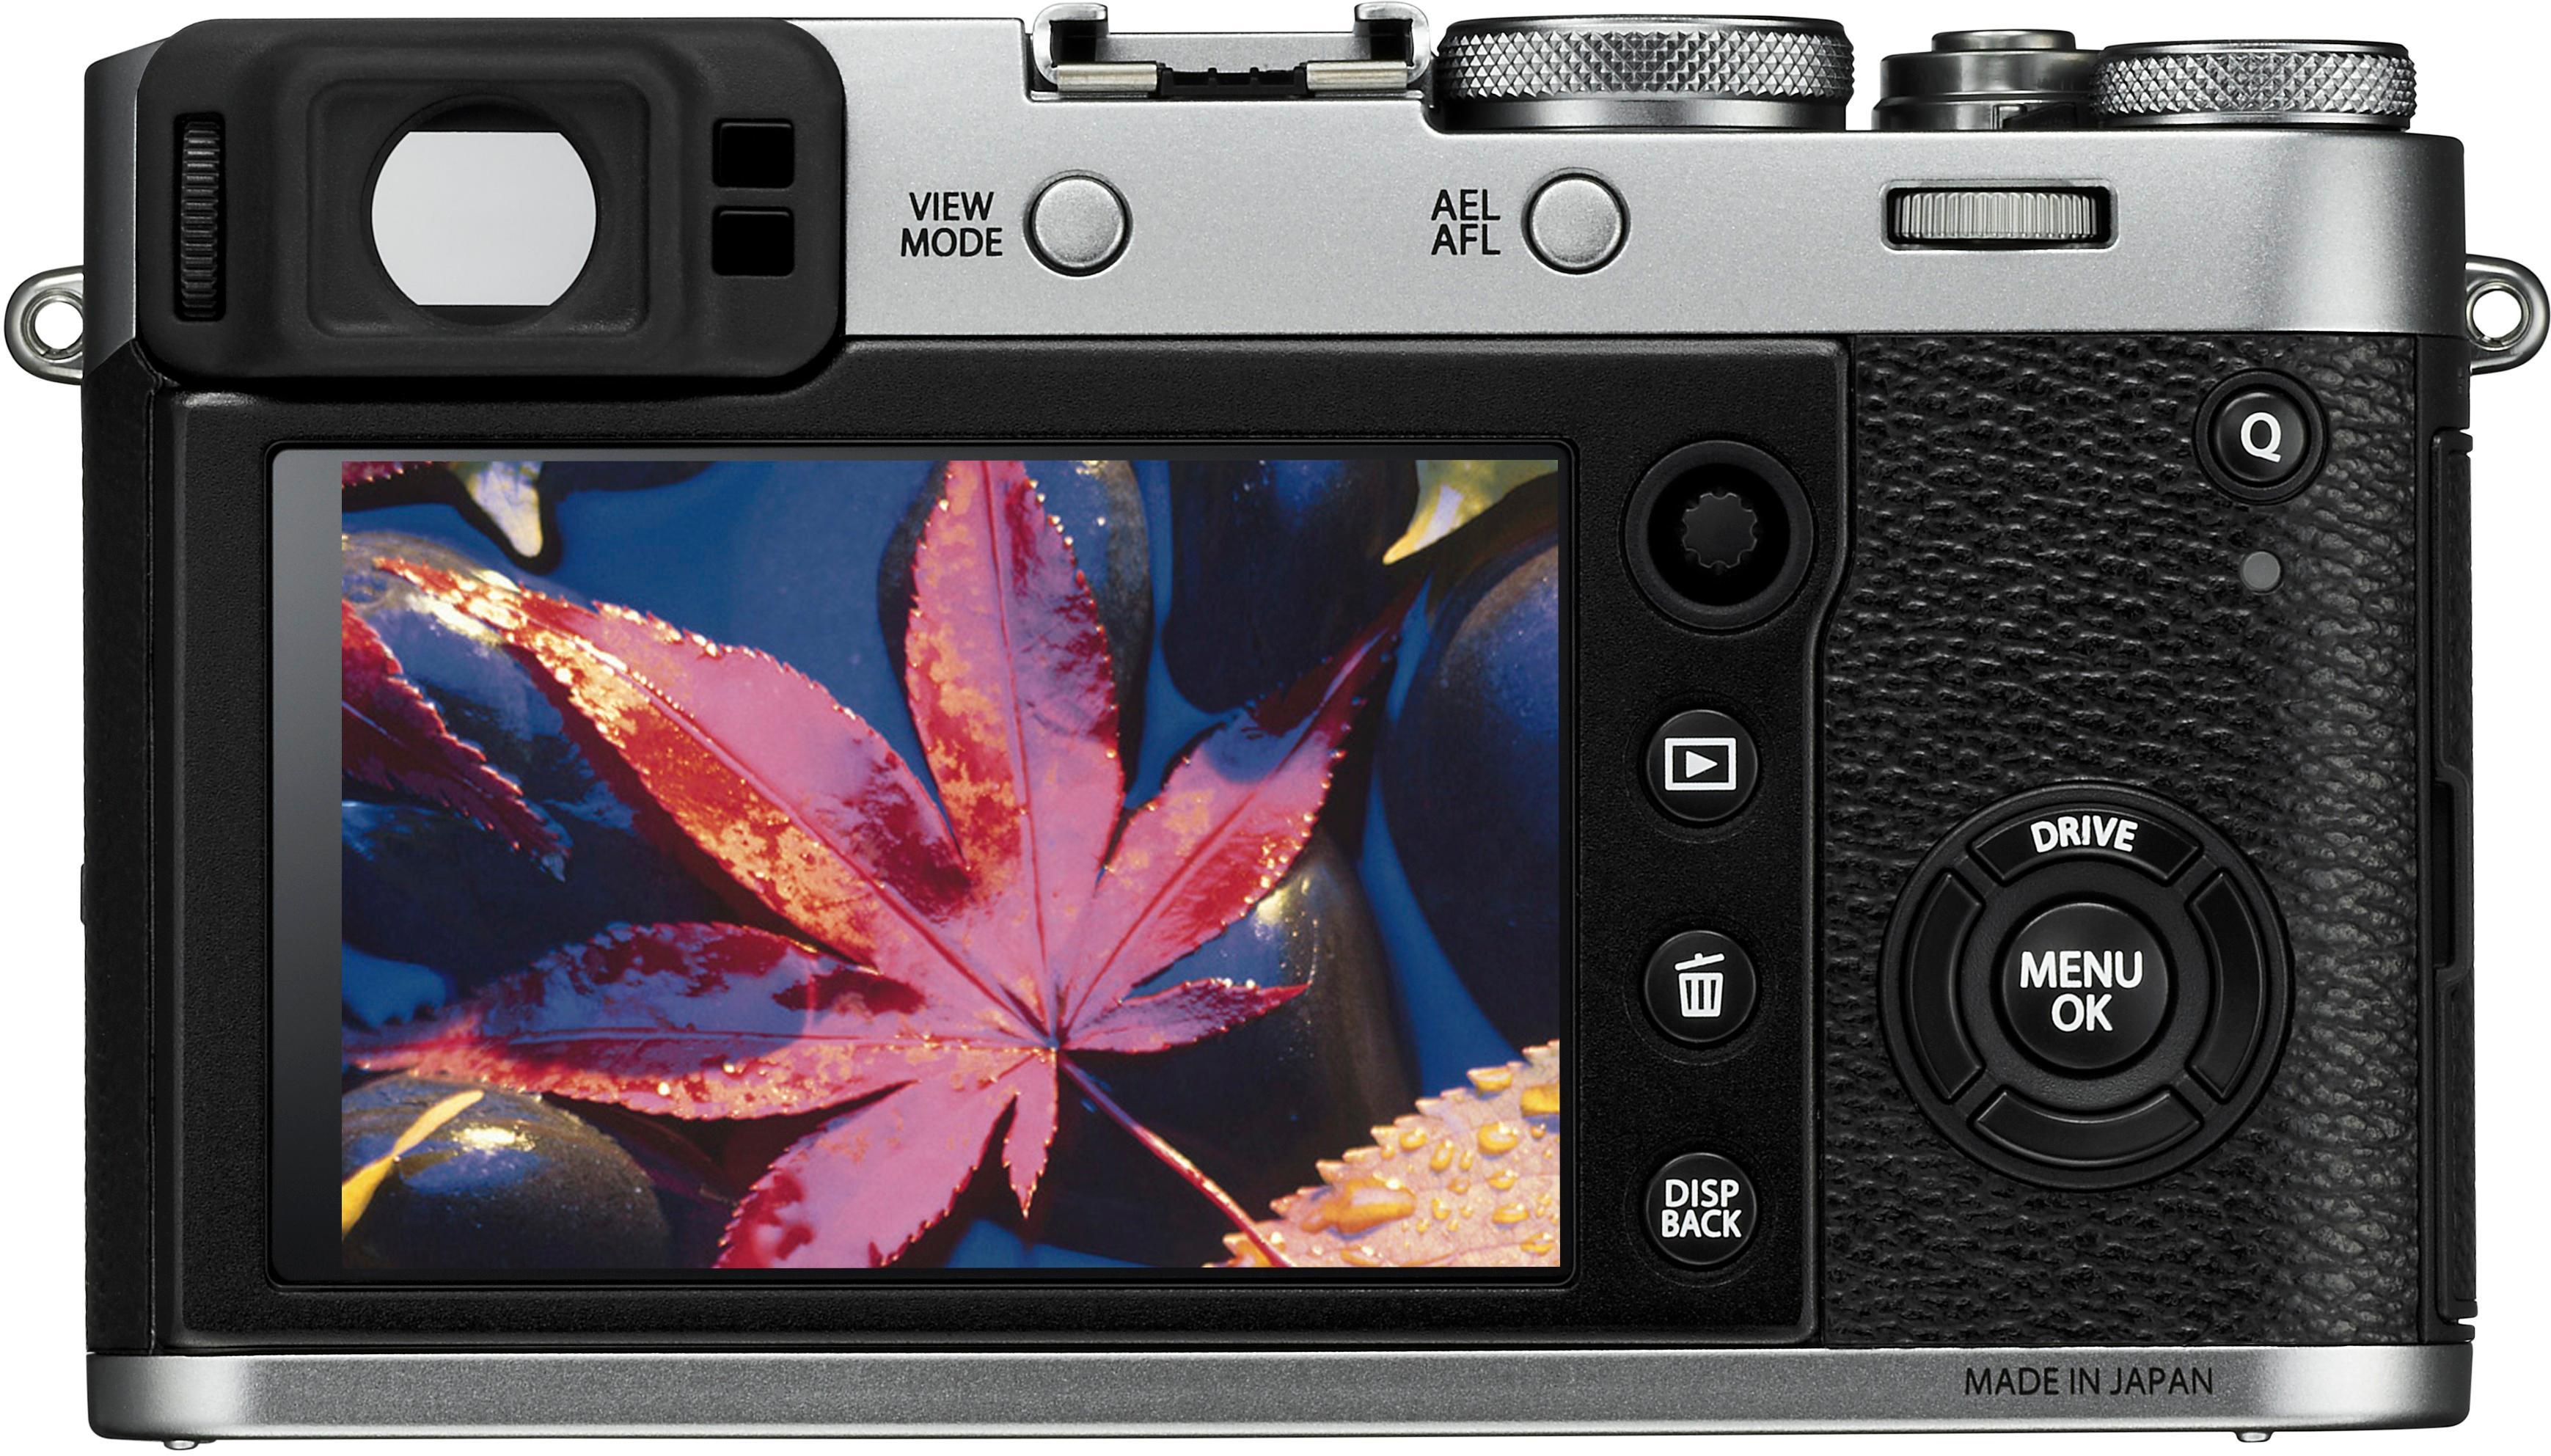 Fujifilm 16534584 X-Series X100F 24.3-Megapixel Digital Camera Silver